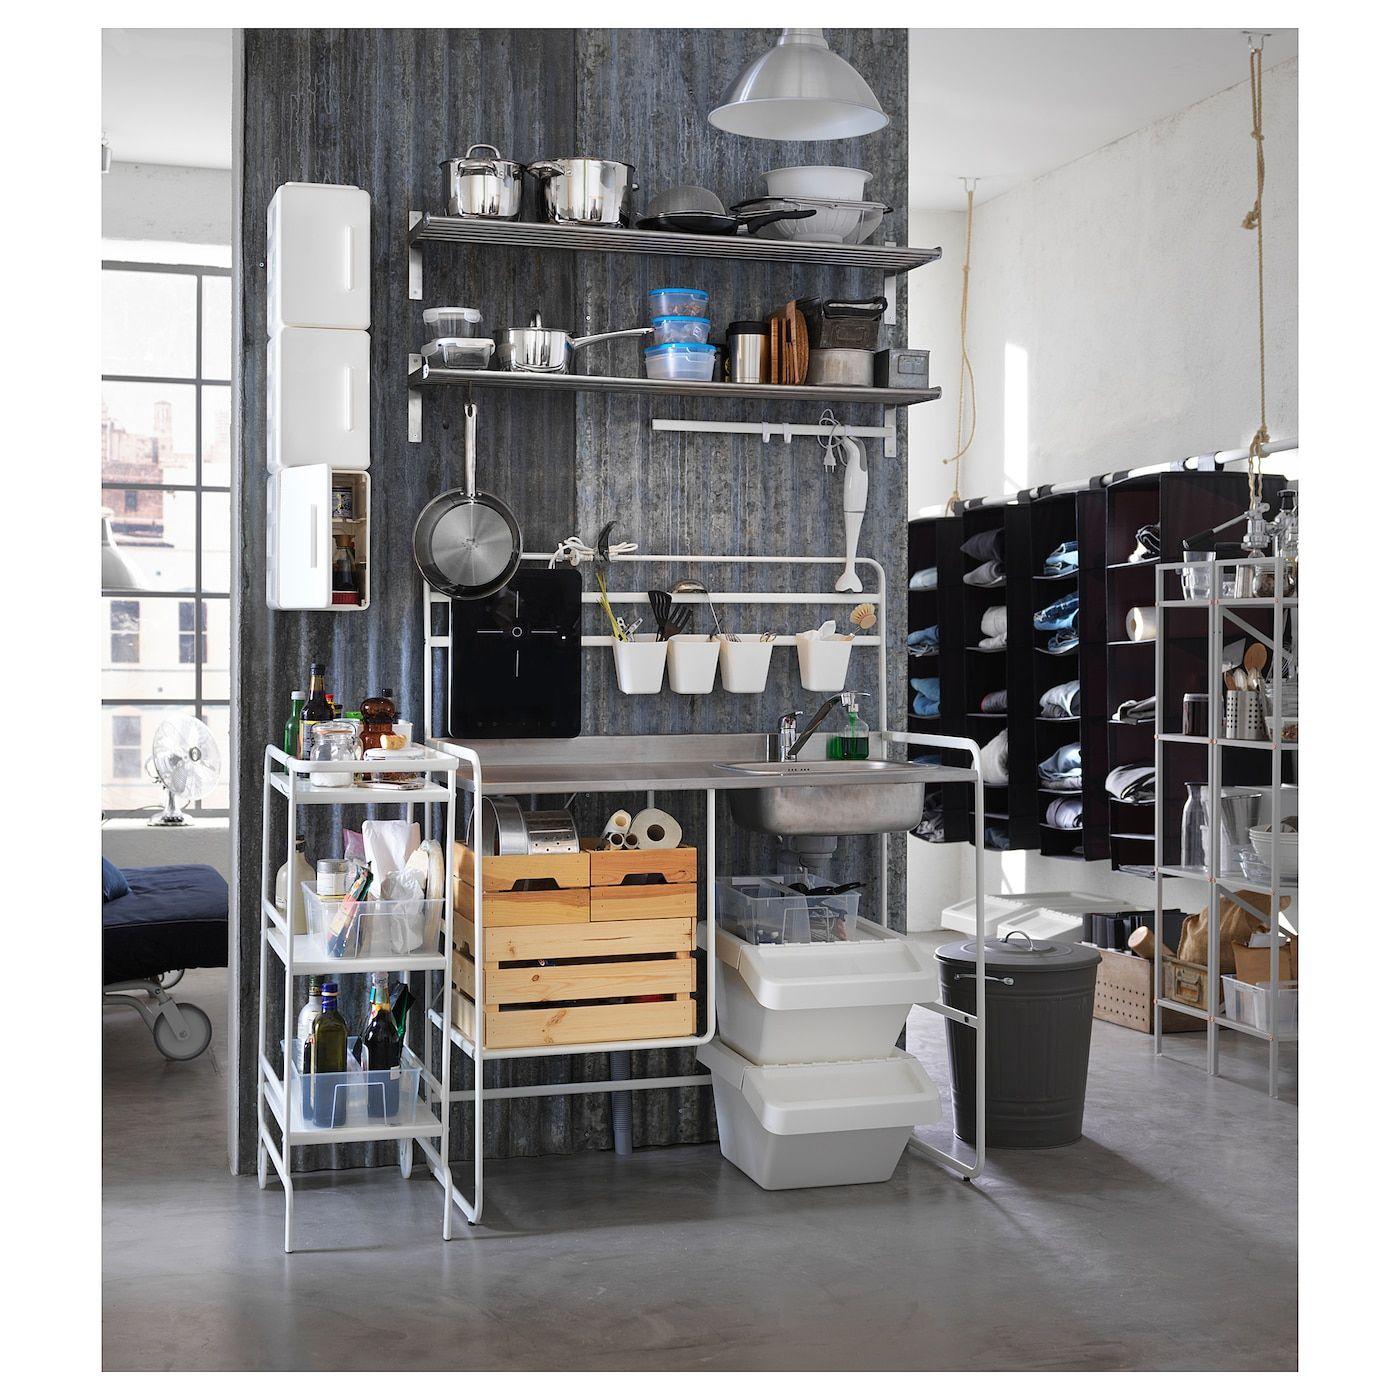 Full Size of Küche Ikea Kosten Sofa Mit Schlaffunktion Kaufen Modulküche Schrankküche Betten Bei 160x200 Miniküche Wohnzimmer Schrankküche Ikea Värde